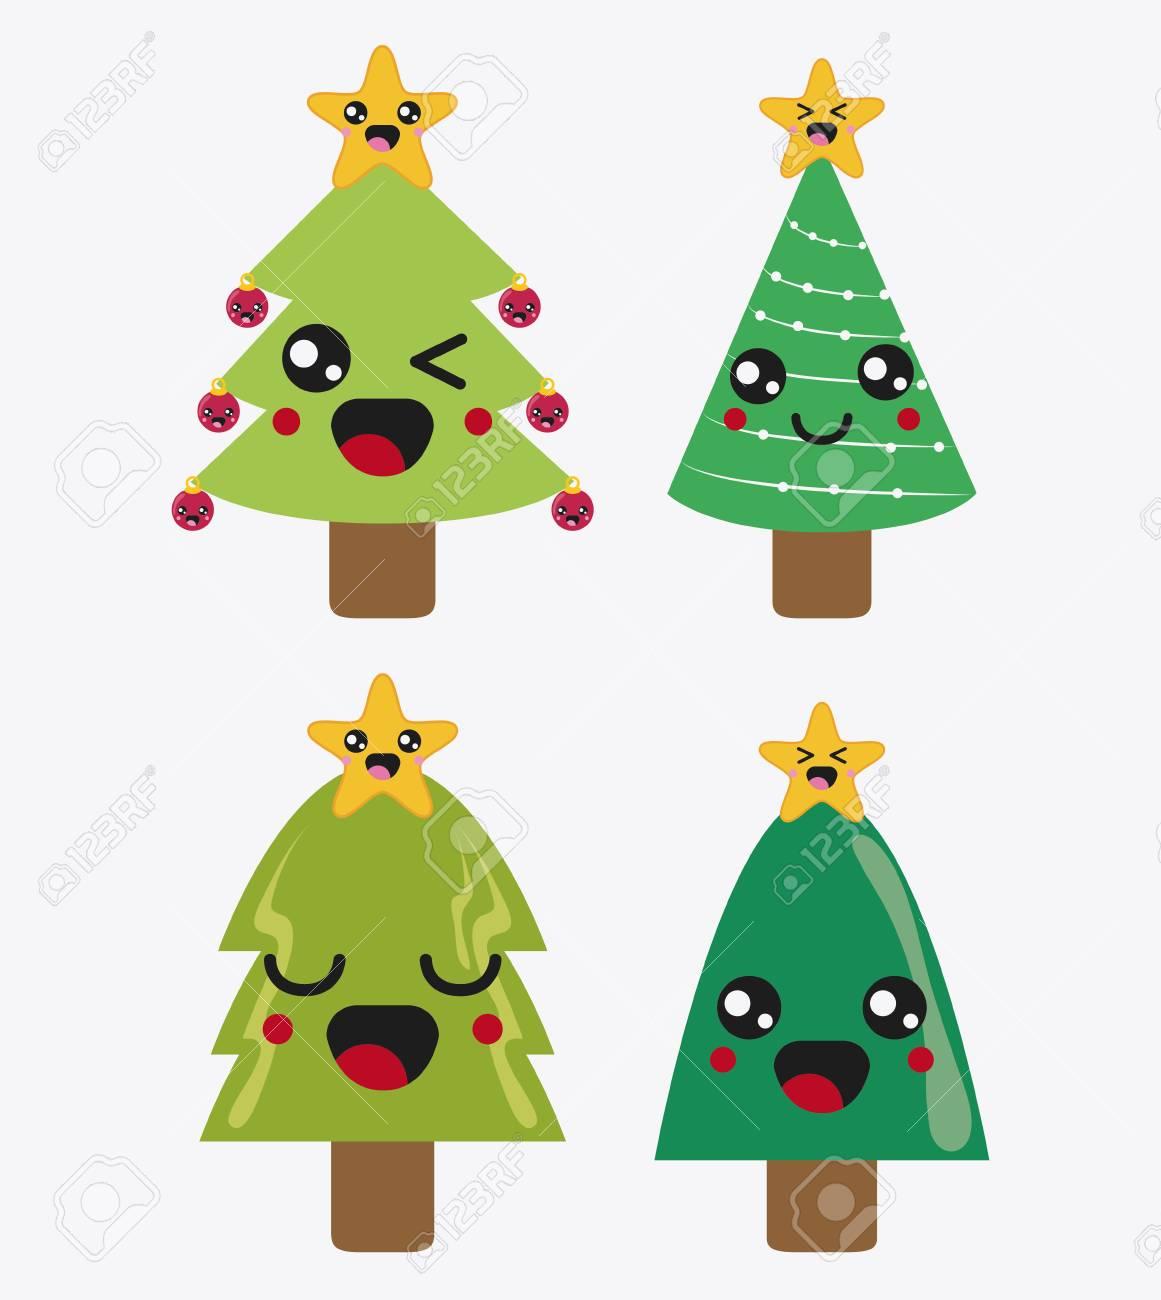 Feliz Navidad Concepto Representado Por El Icono De Dibujos Animados